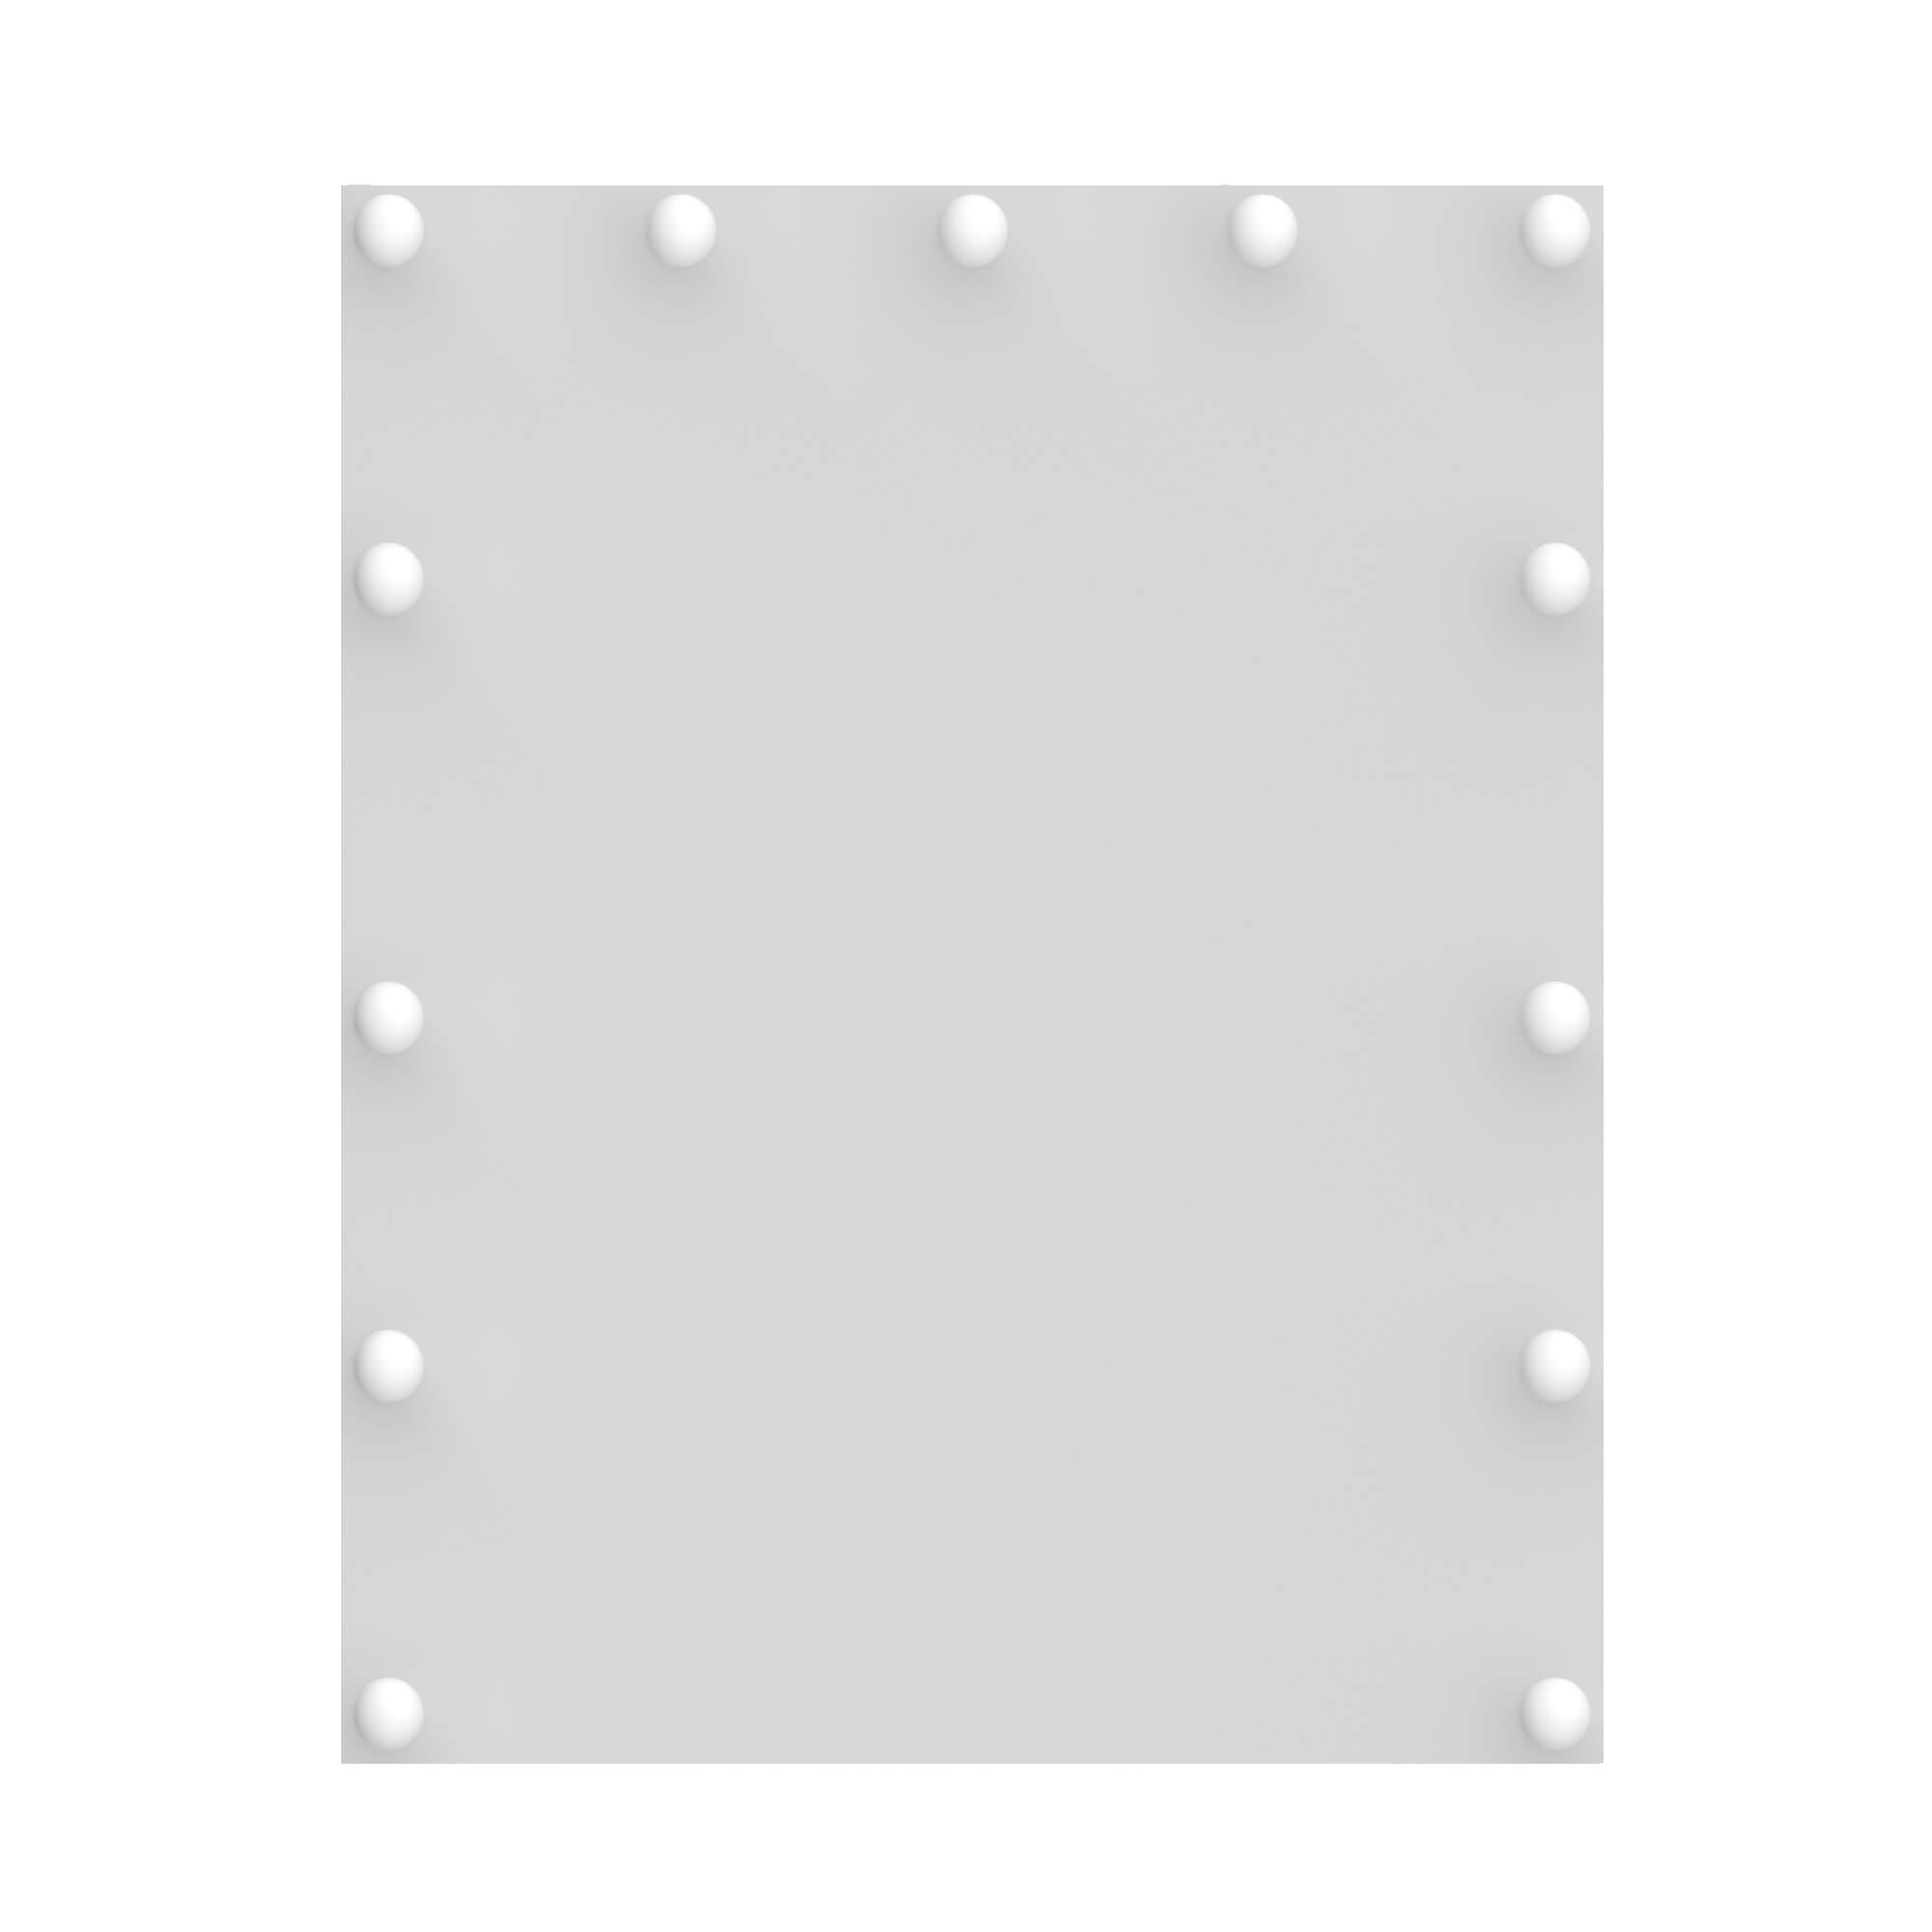 Model A (Rectangular)